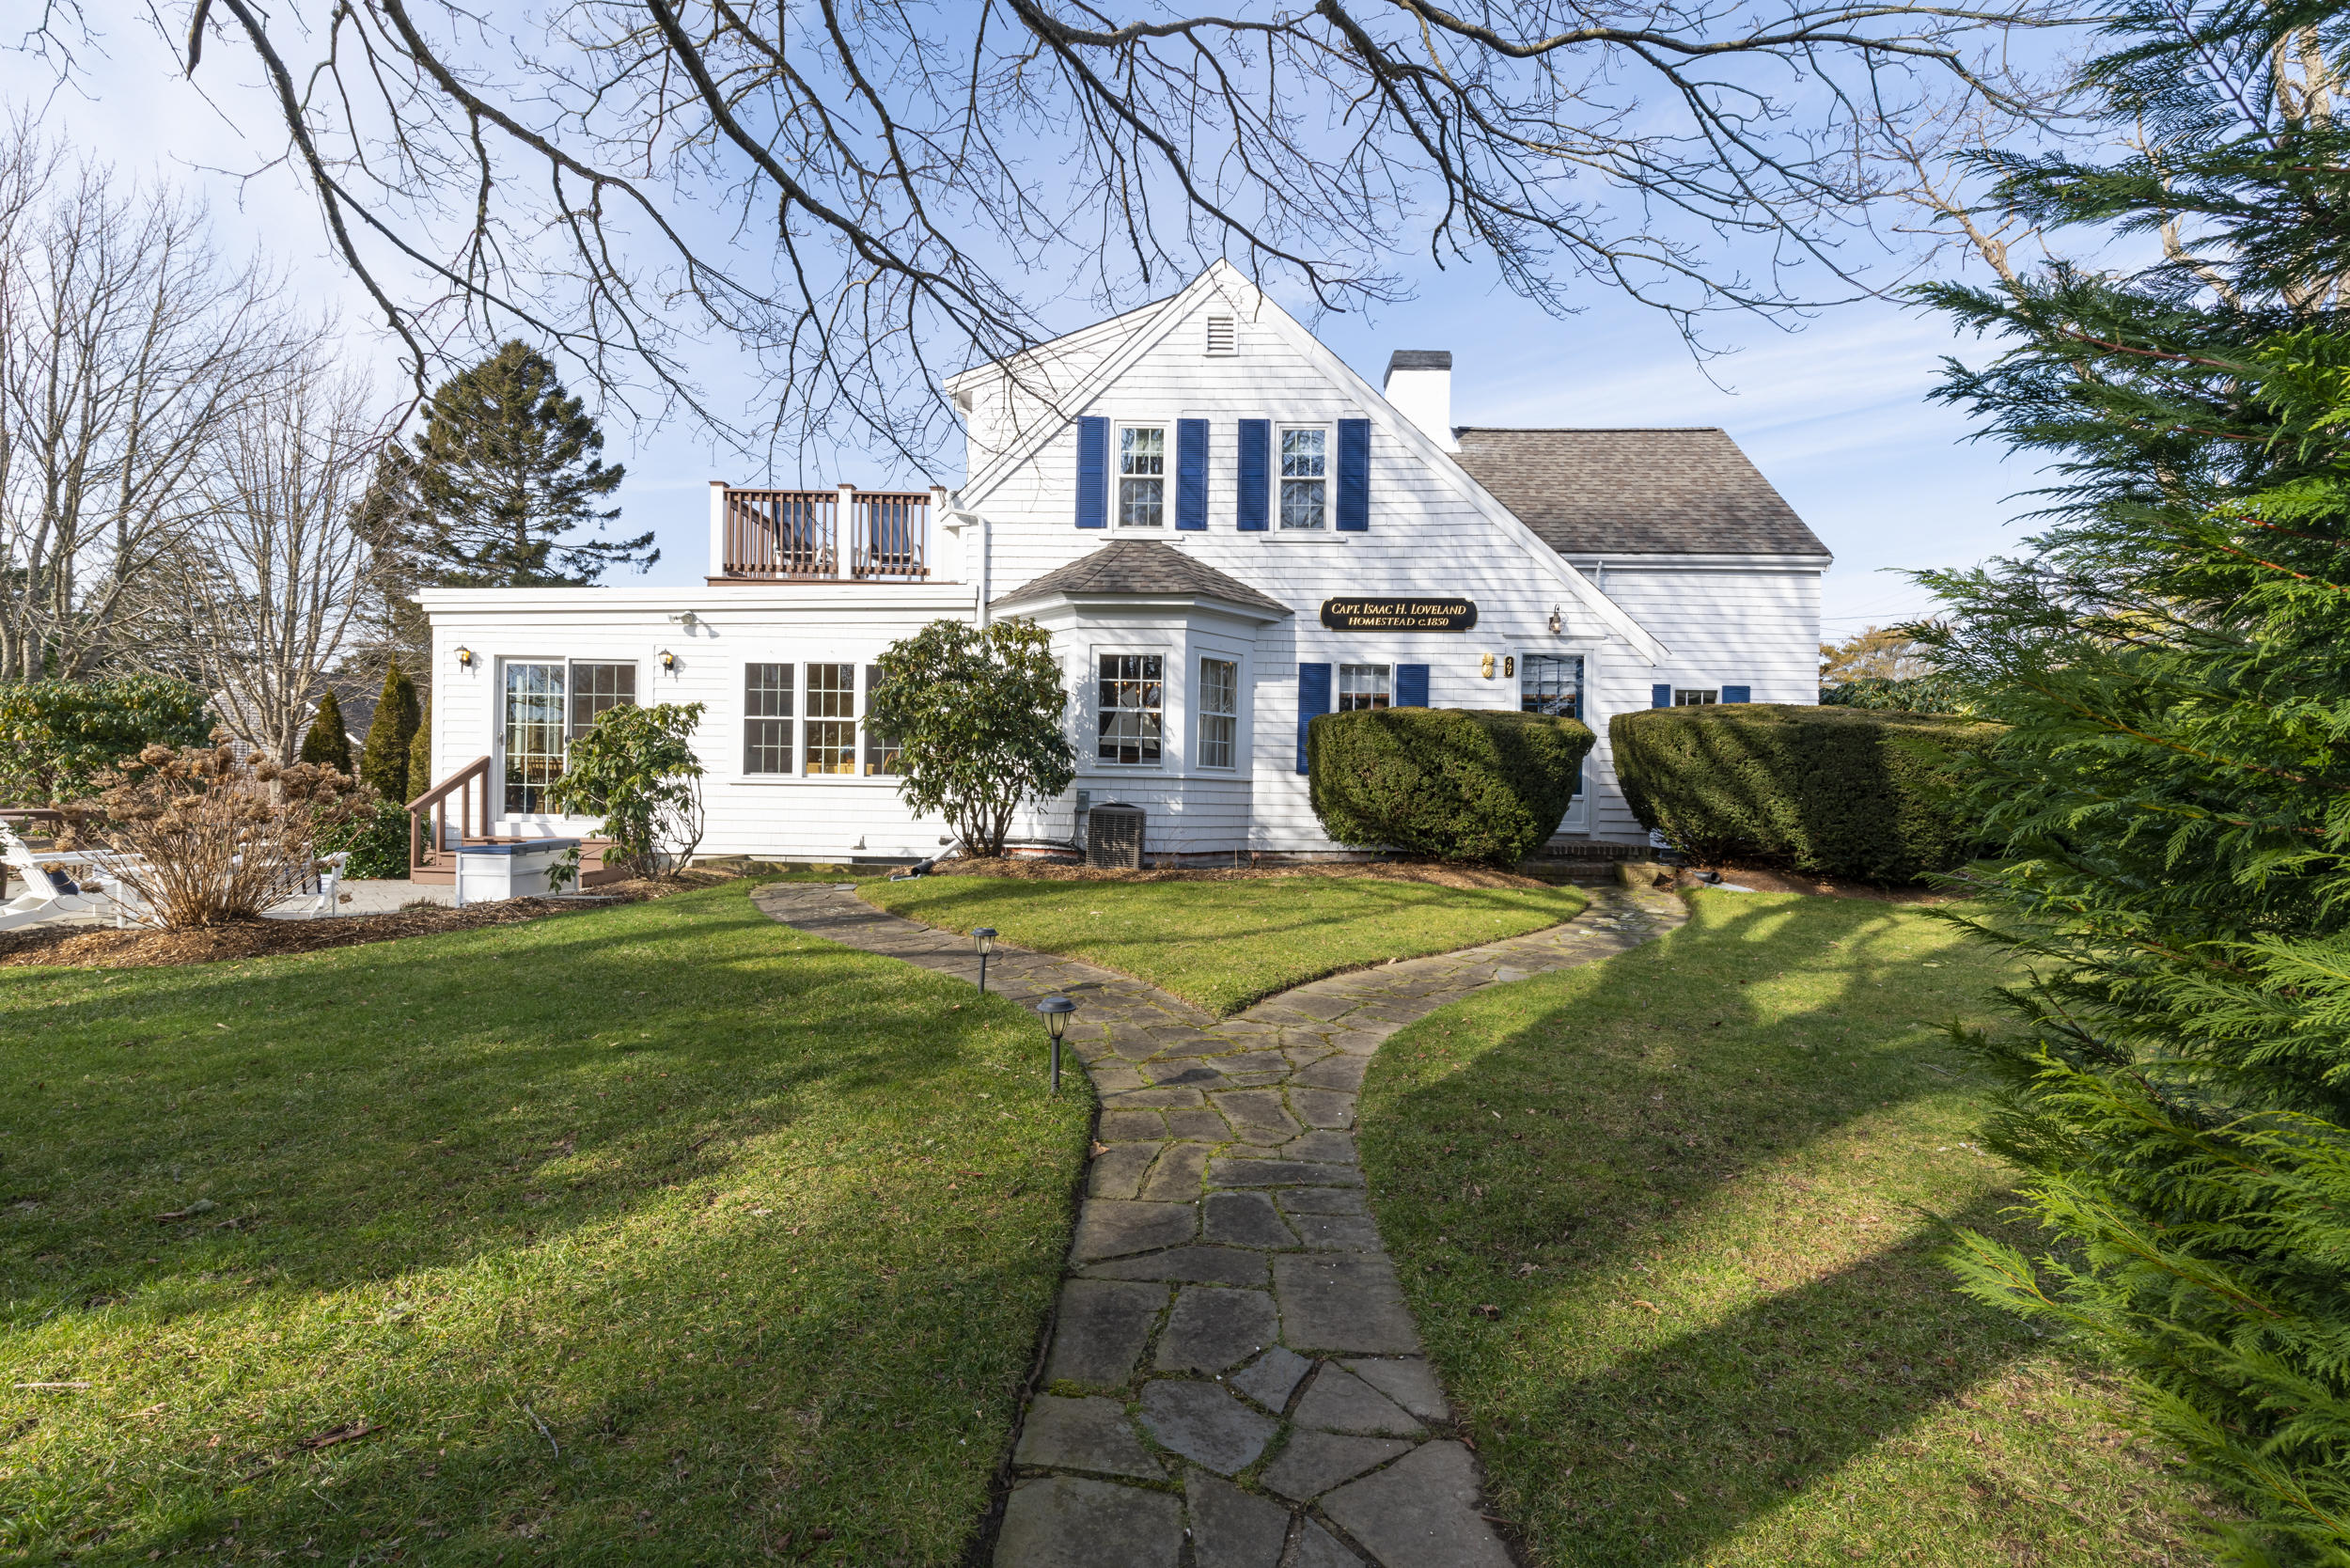 407 Old Harbor Road, Chatham, MA  02633 - slide 59